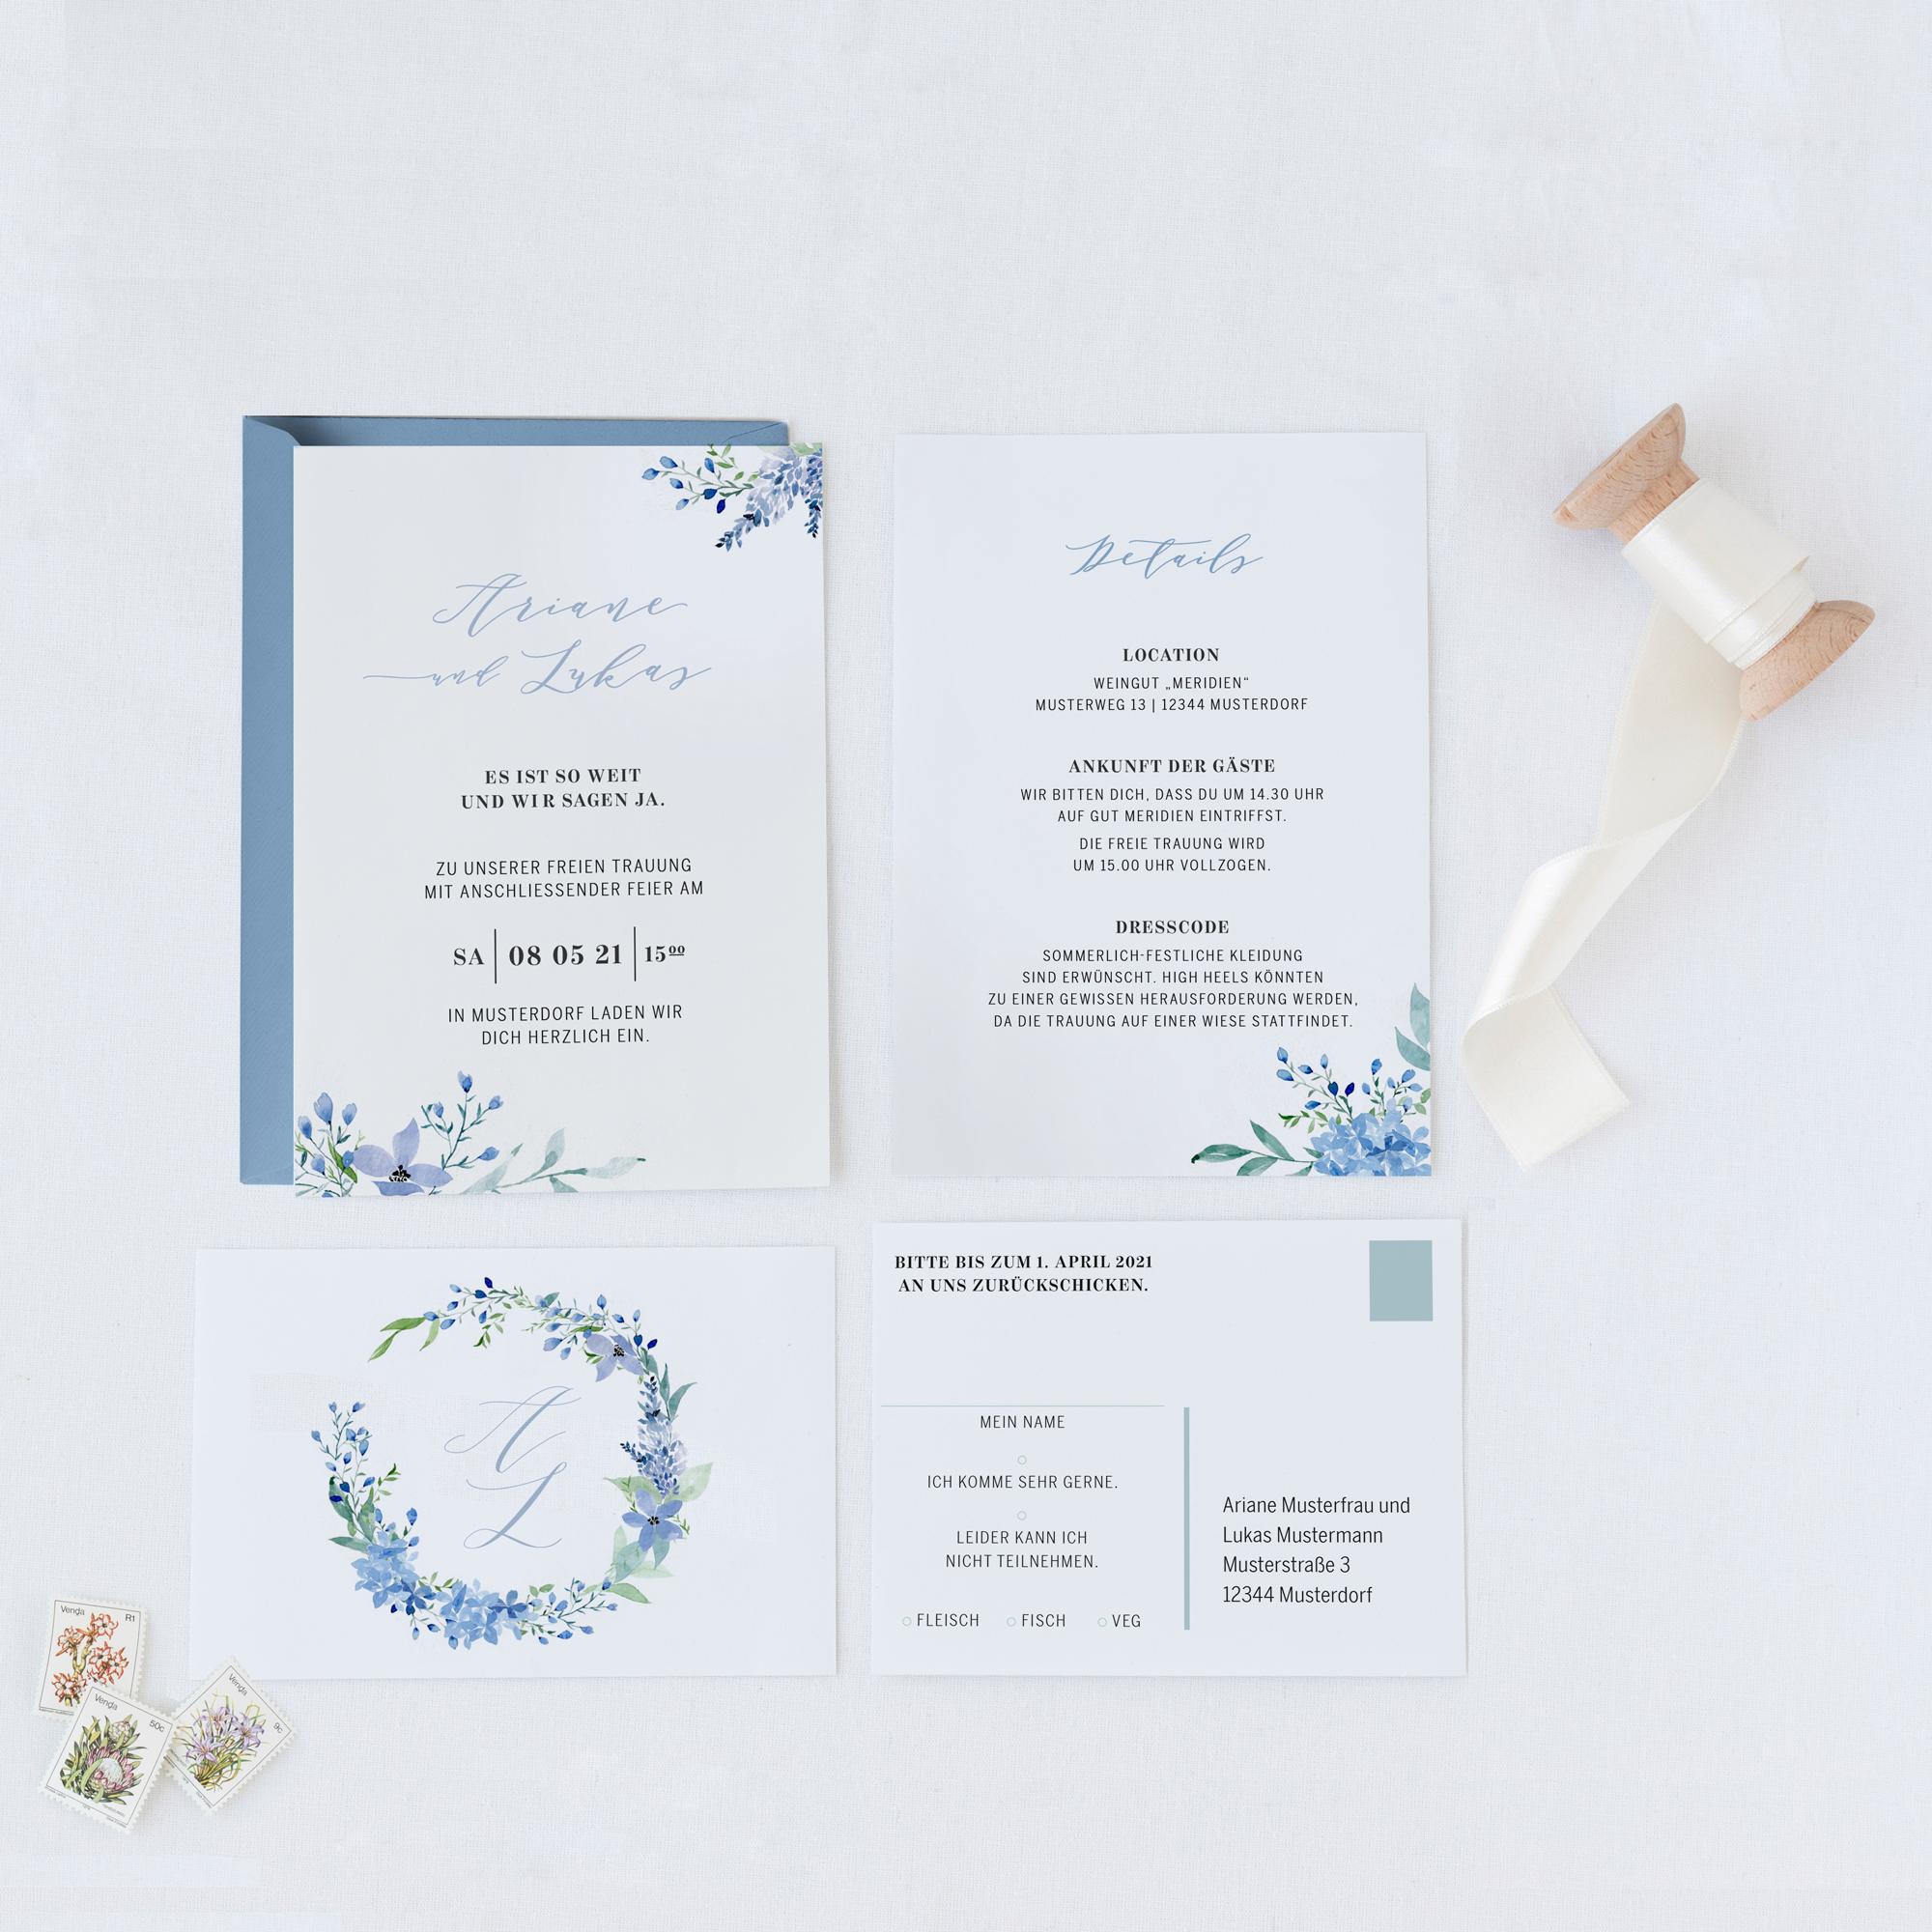 Ab 15 Stuck Hochzeitseinladung Mit Aquarellblumchen In Etsy Hochzeitseinladung Einladungen Hochzeit